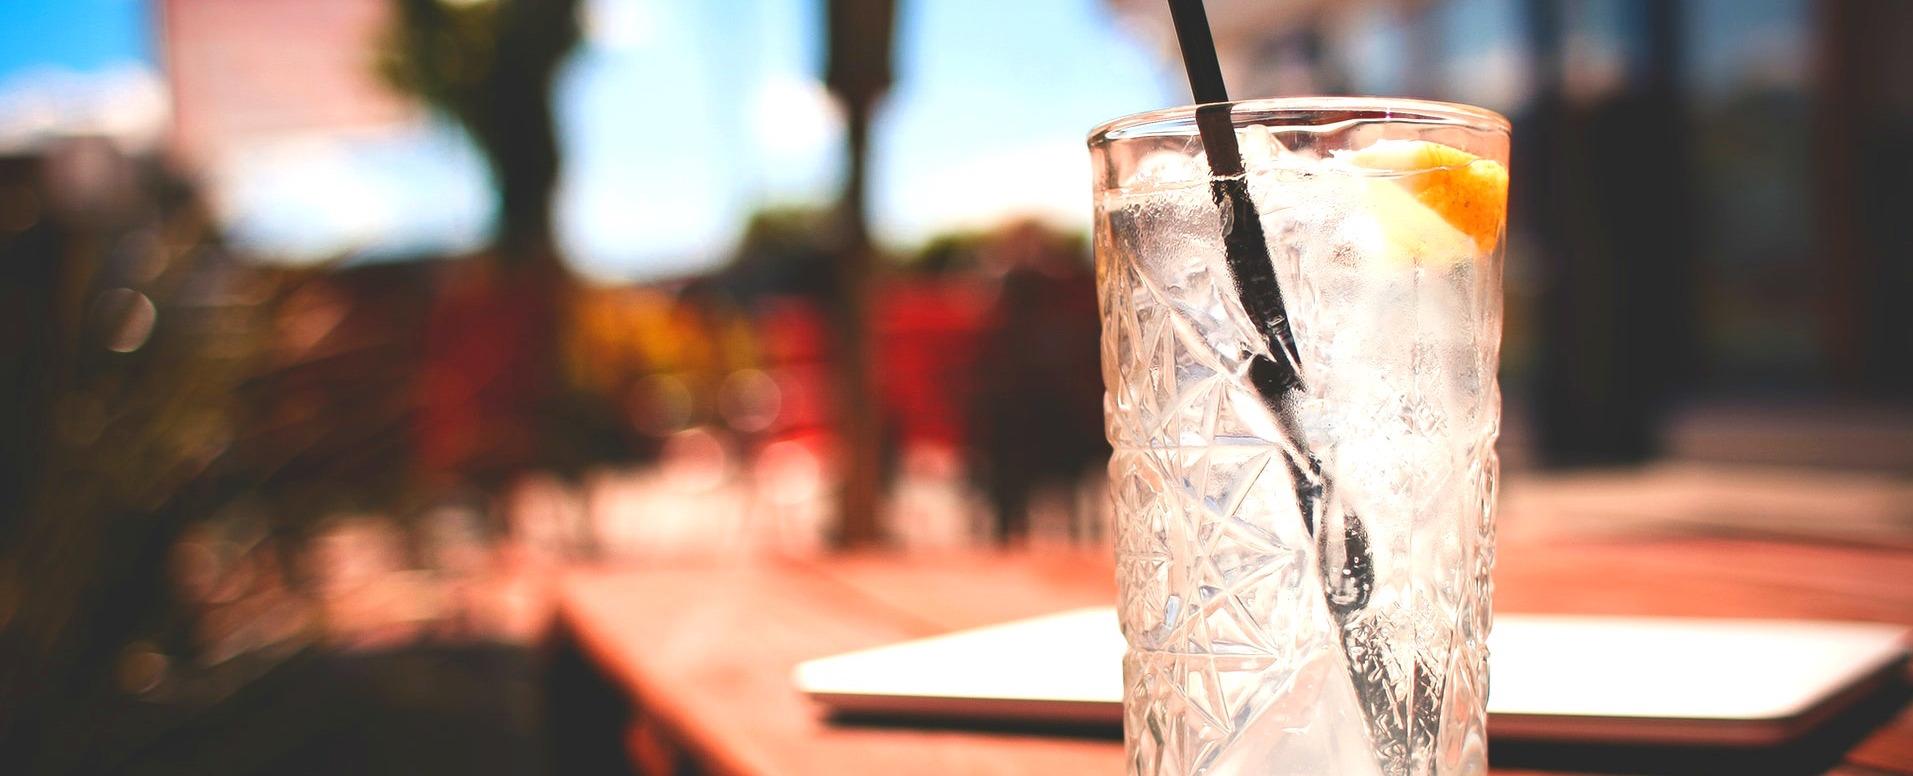 4. Commencez au Ushuaia, finissez au Hï - Ibiza